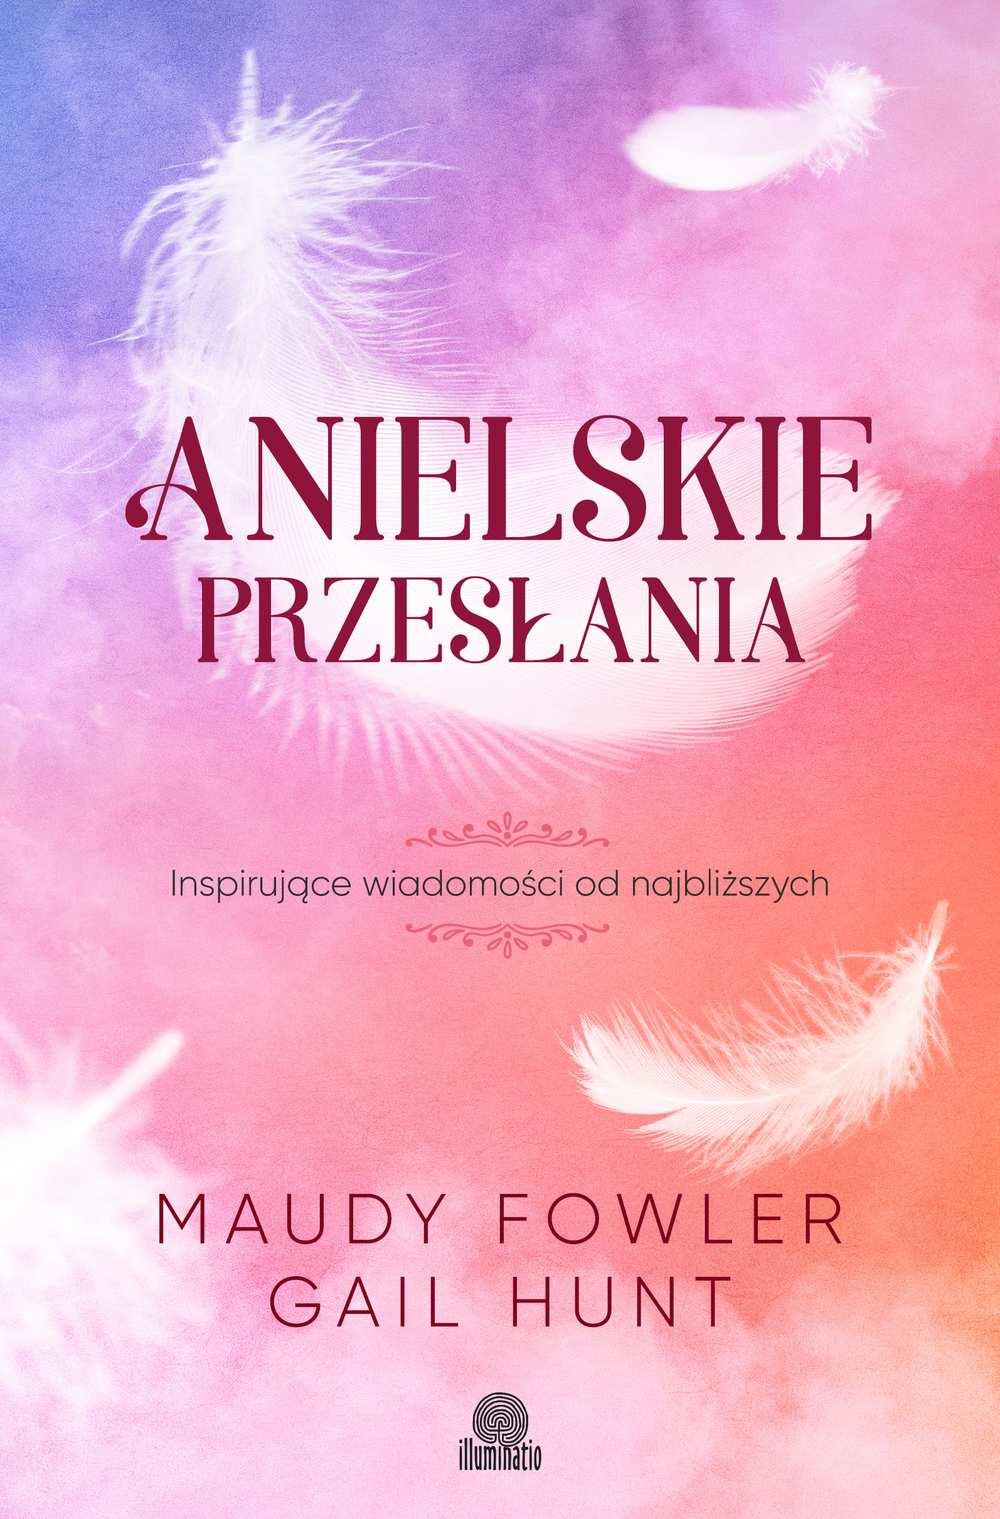 Anielskie przesłania. Inspirujące wiadomości od najbliższych - Ebook (Książka na Kindle) do pobrania w formacie MOBI